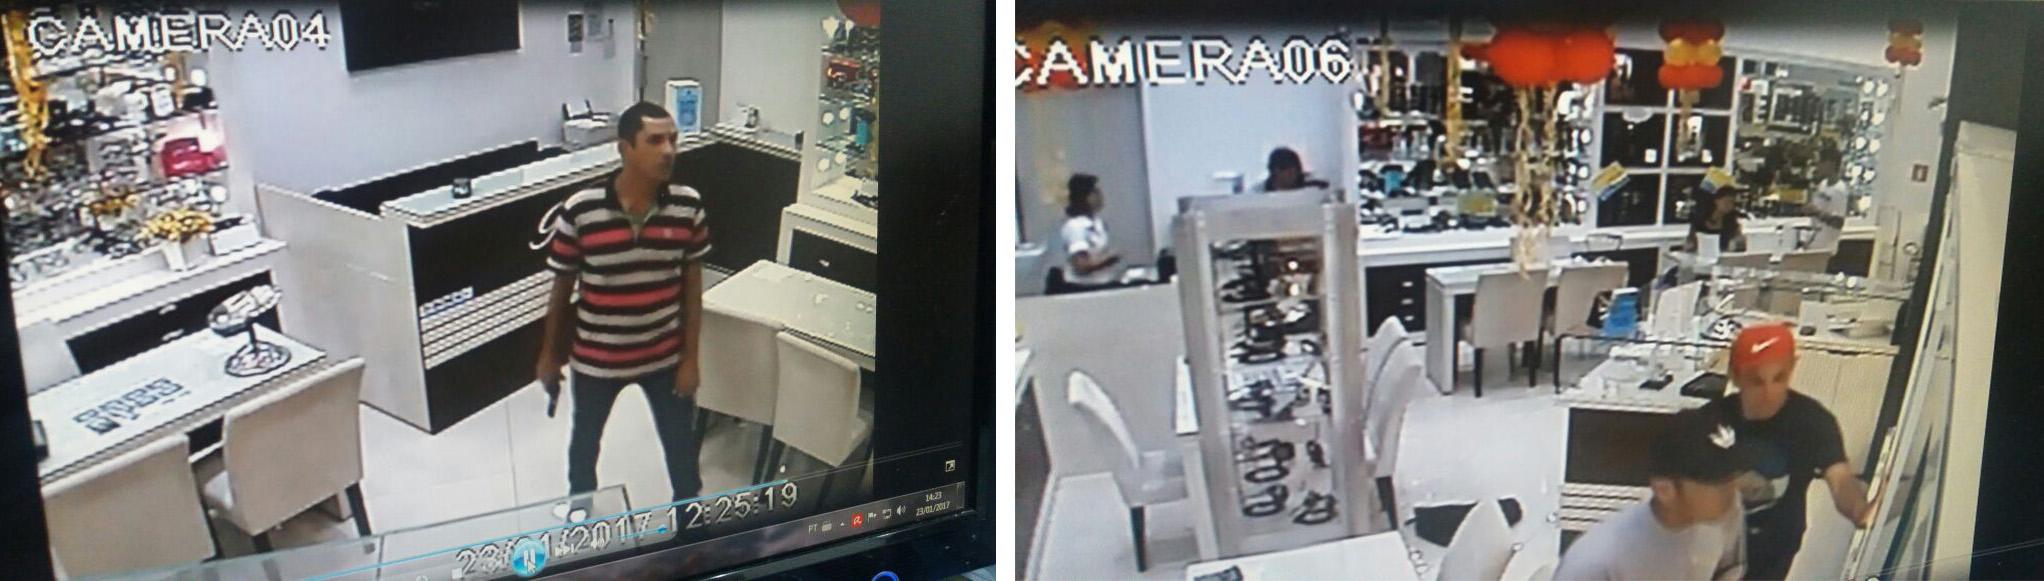 Imagens das câmeras de monitoramento do shopping de Lorena, que mostram o momentos do assalto em joalheria, na manhã desta segunda-feira (Foto: Reprodução)